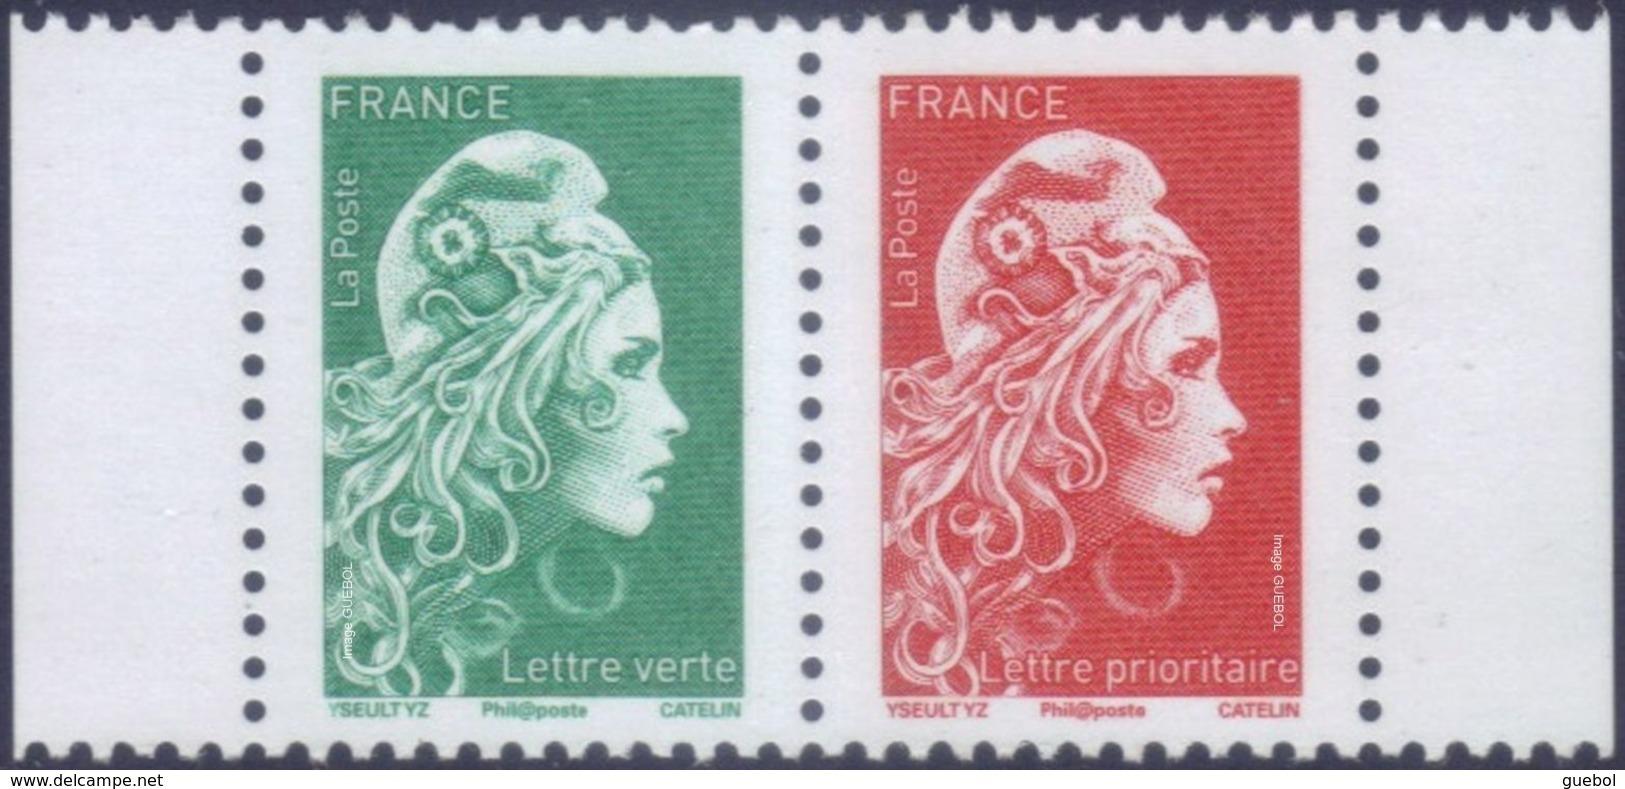 France Marianne L'Engagée N° 5276_P ** Paire Du Carnet - Lettre Verte + Prioritaire - 2018-... Marianne L'Engagée